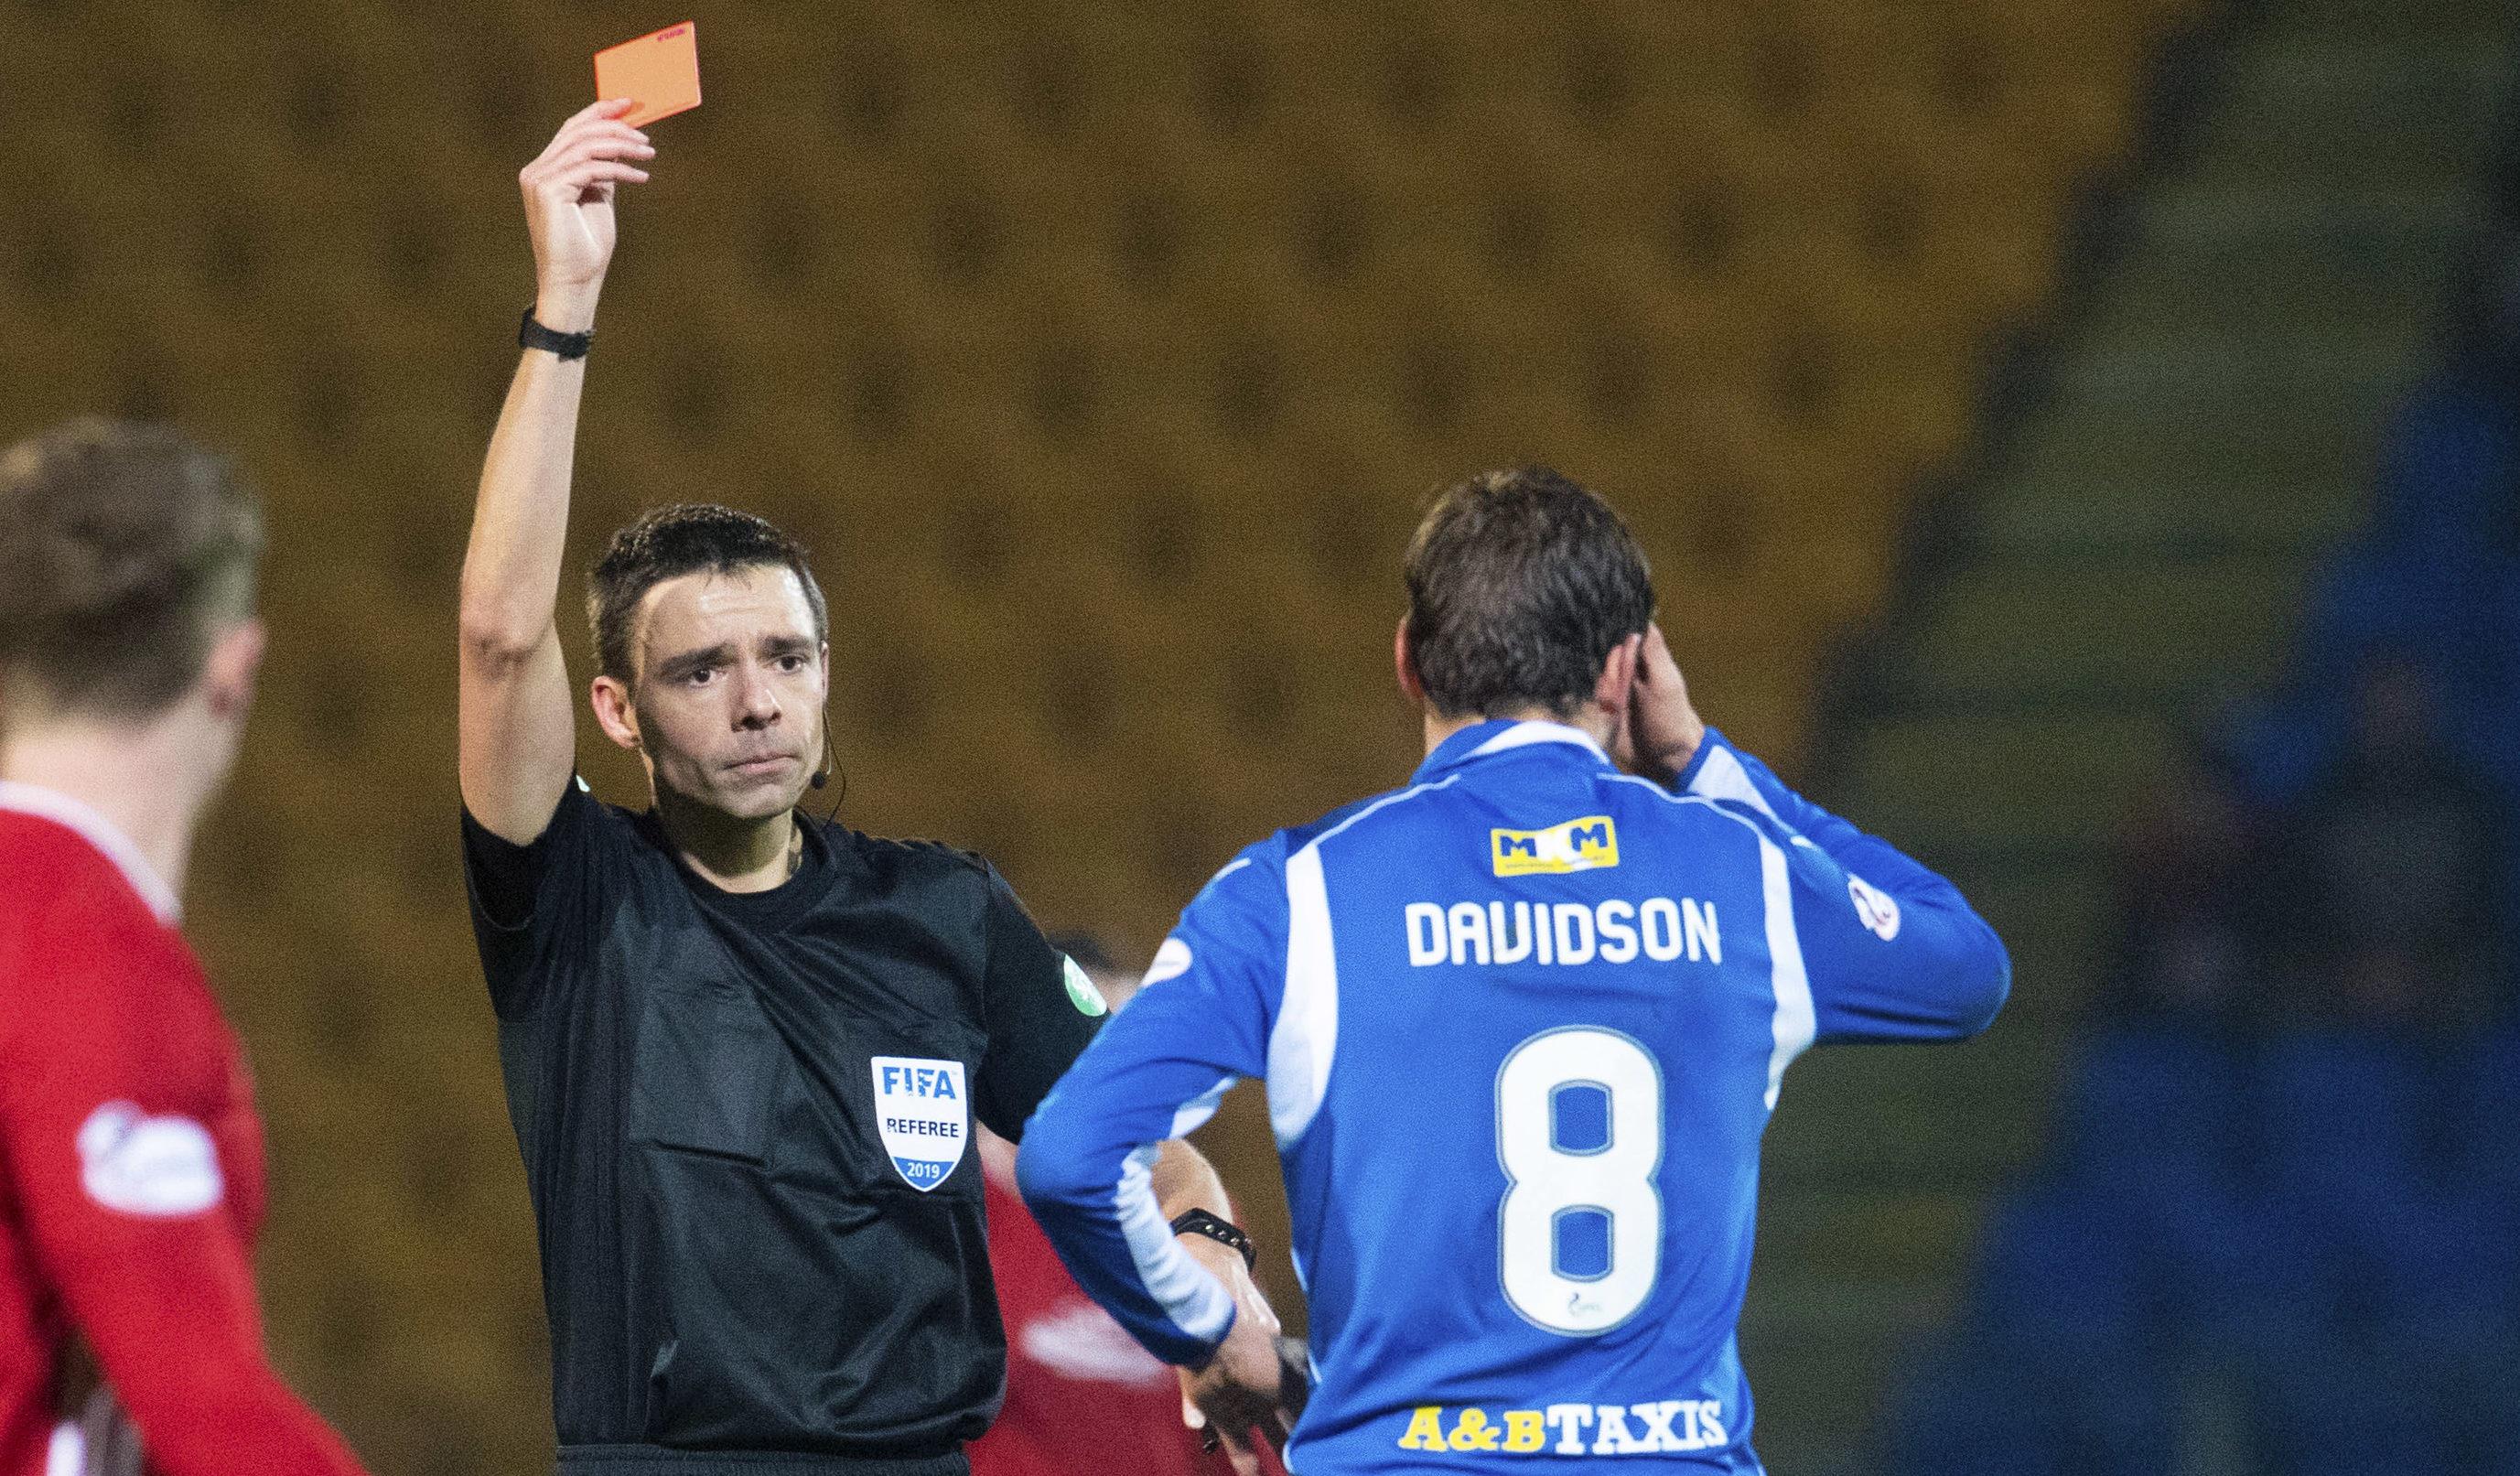 Murray Davidson is sent off against Aberdeen.